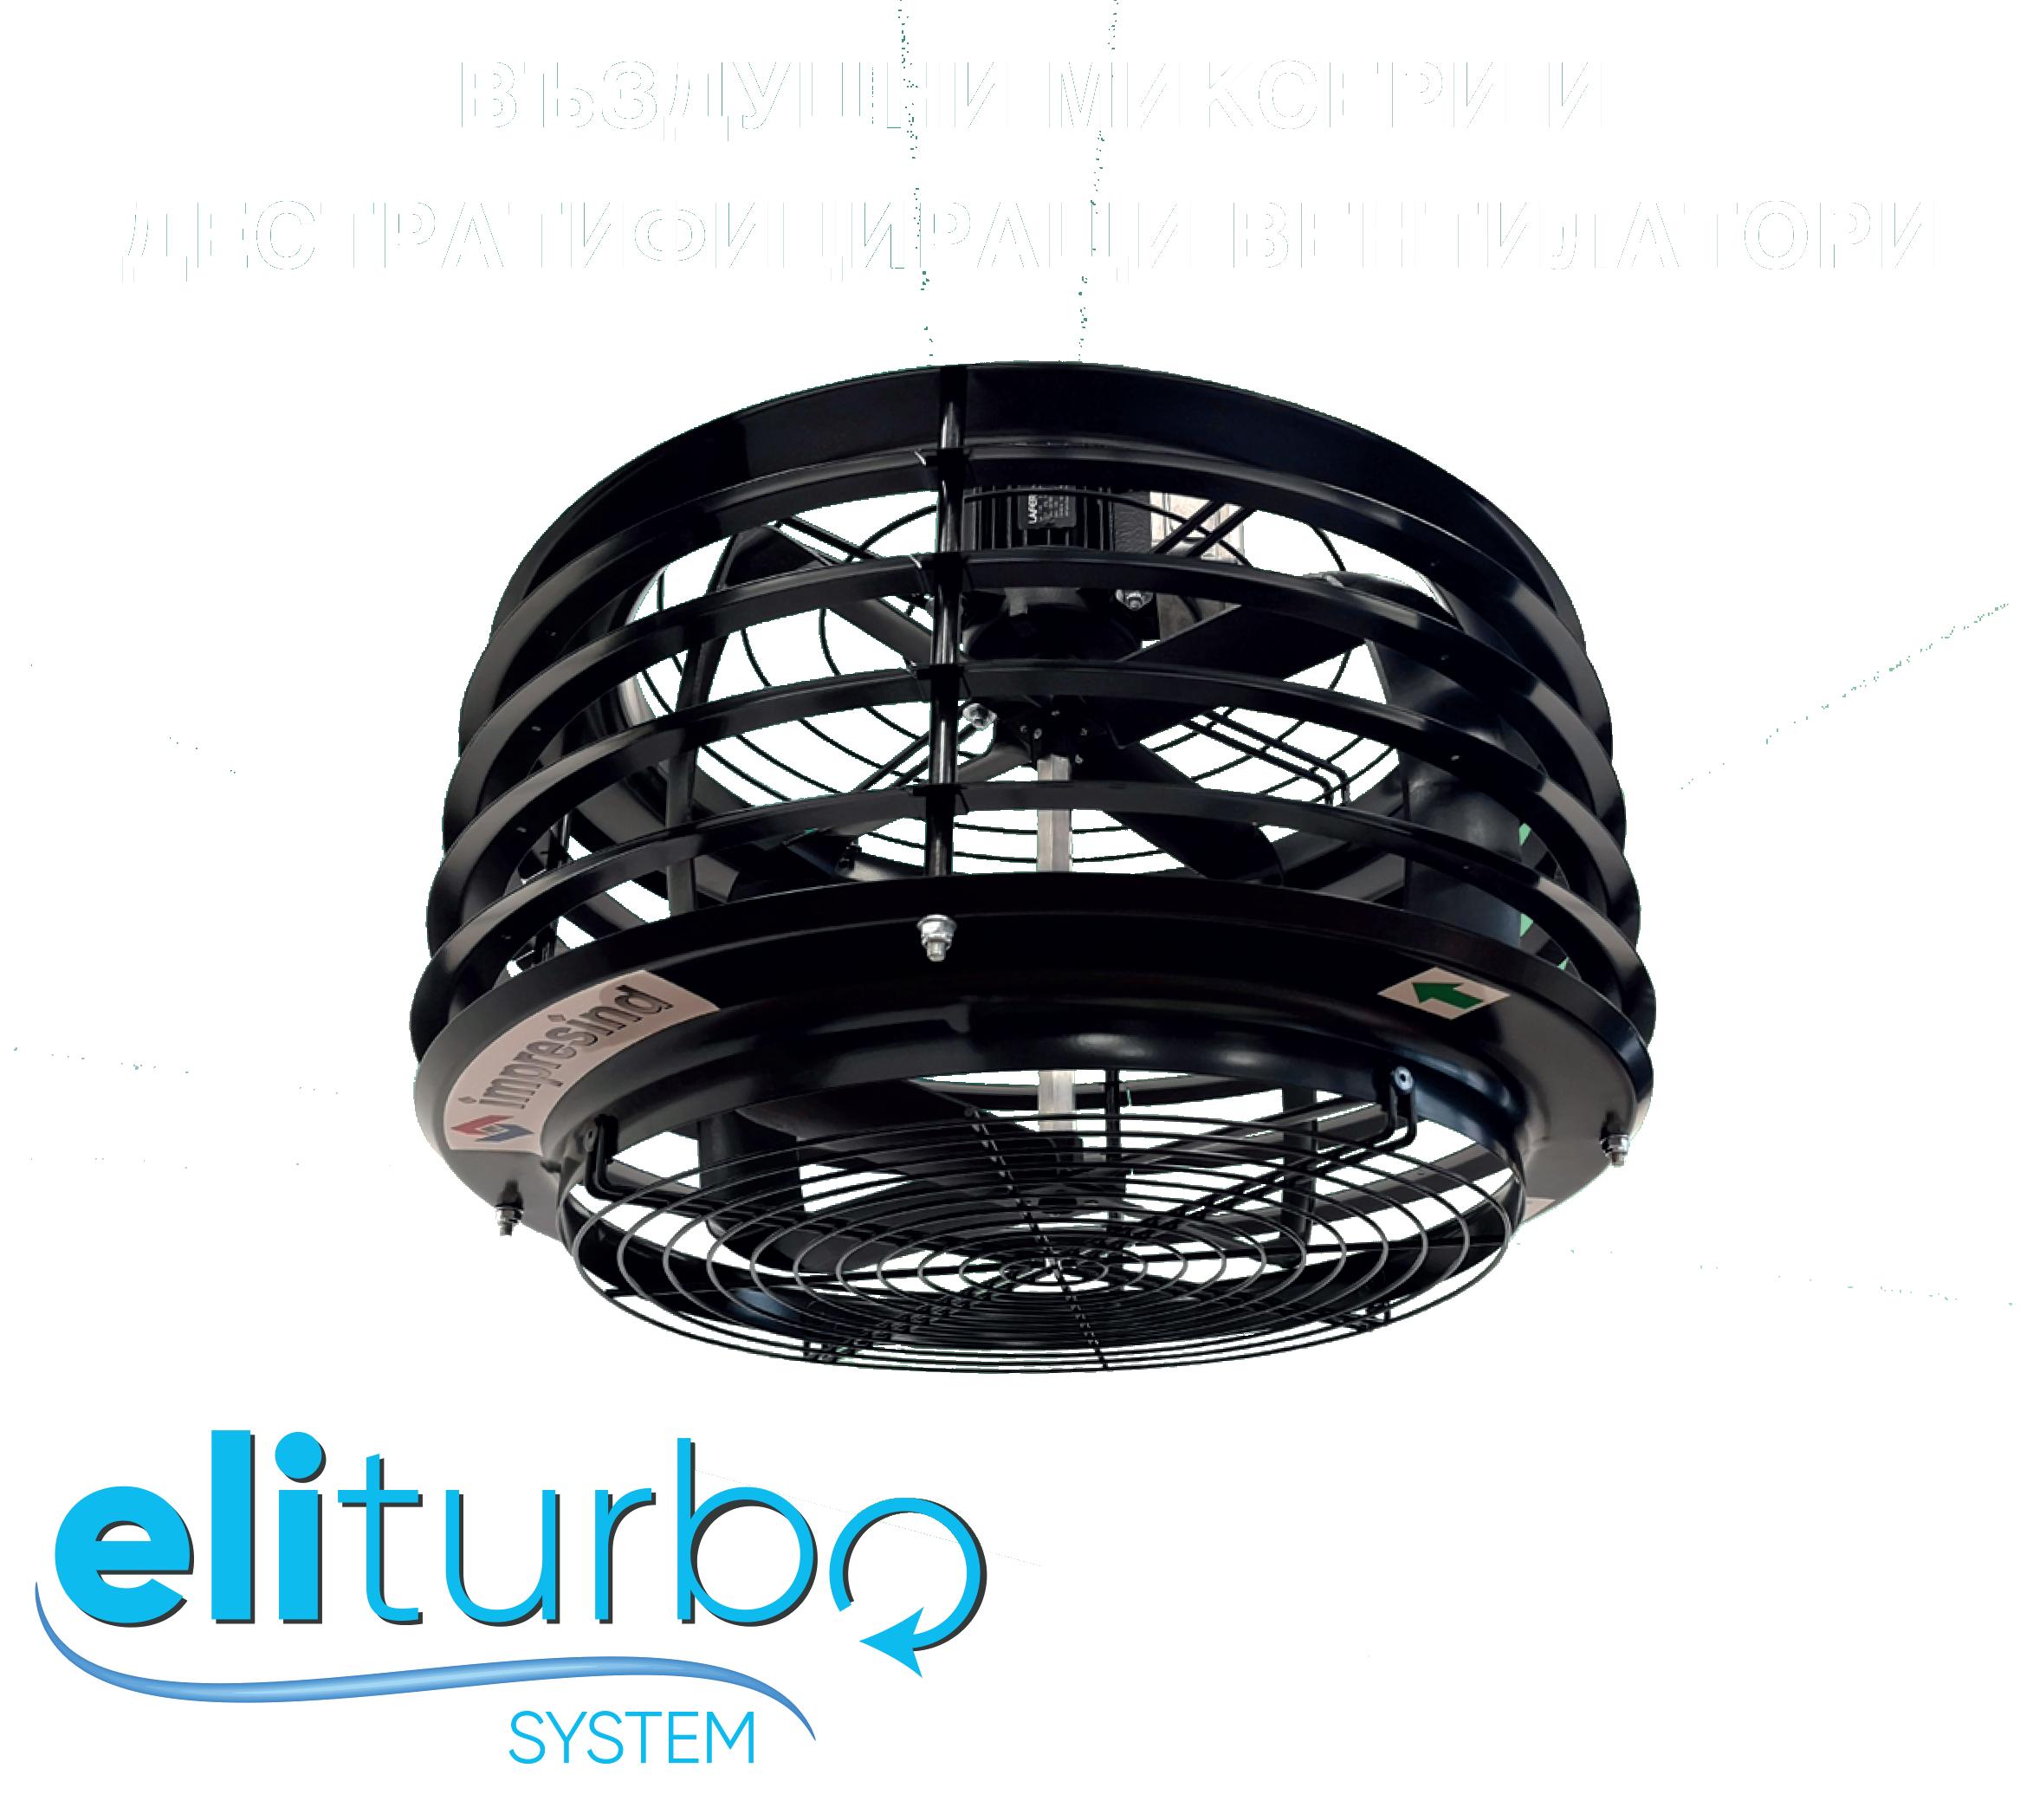 Въздушен миксер дестратификатор Eliturbo